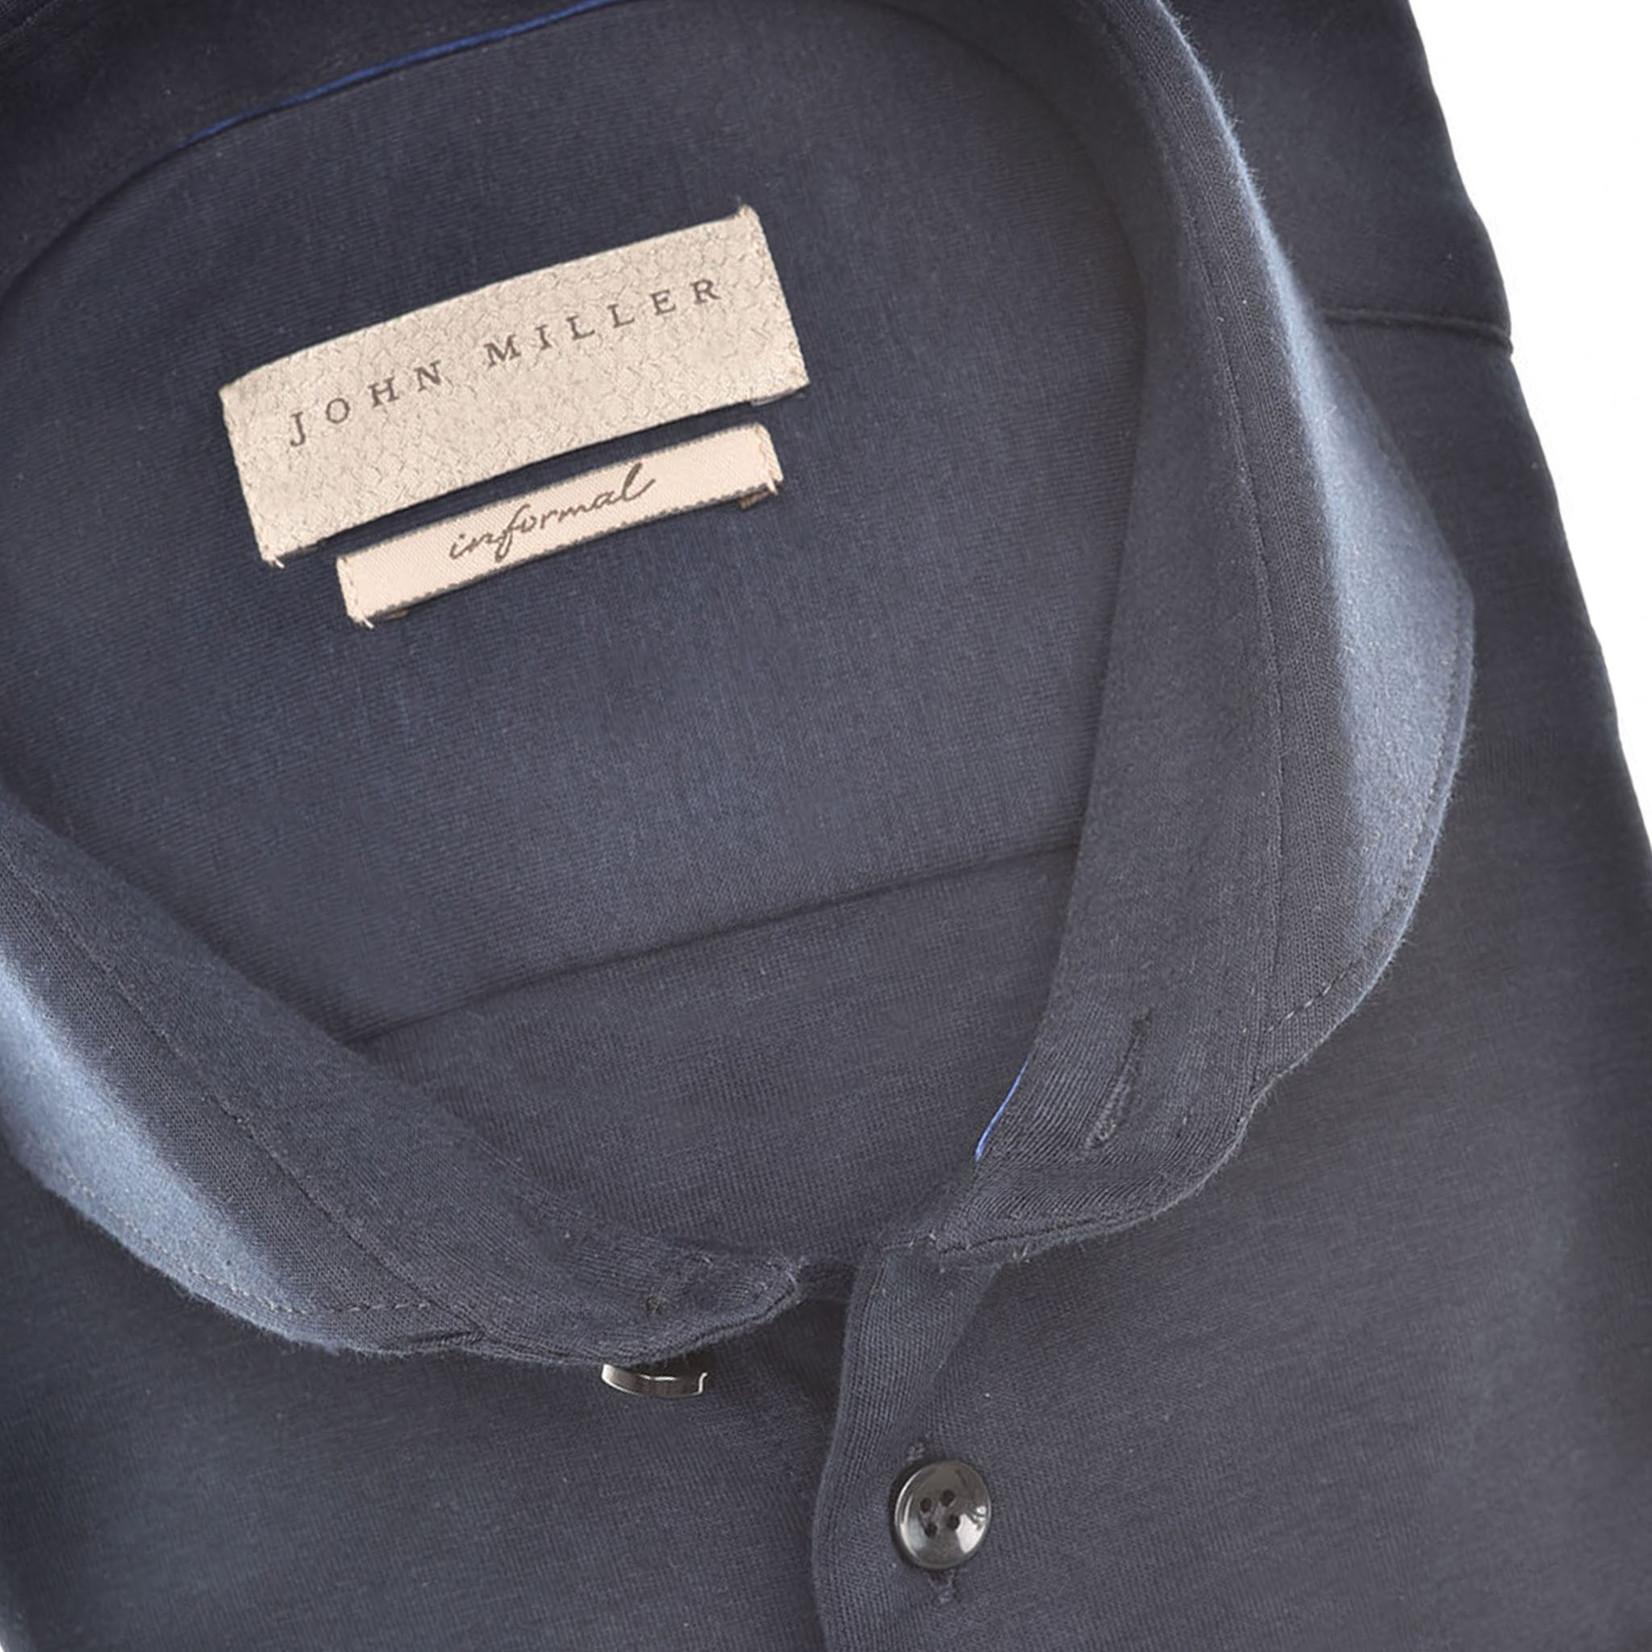 John Miller slim fit tricot overhemd marine